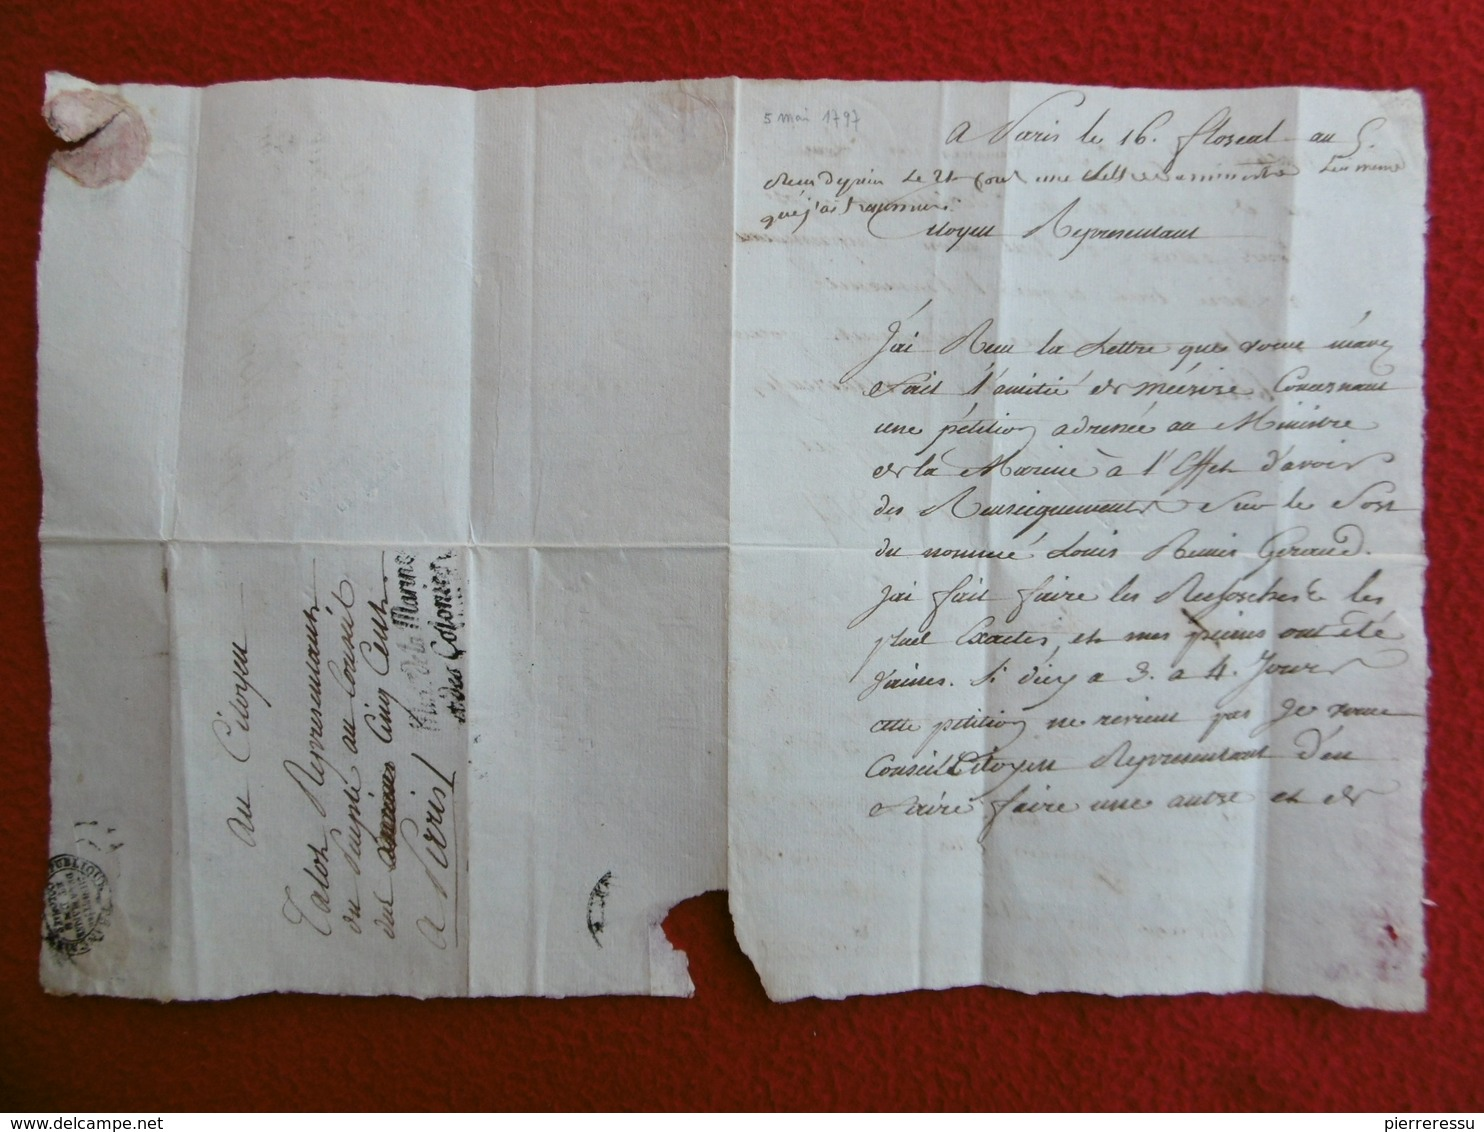 INEDIT LETTRE AVEC REPONSE MICHEL LOUIS TALOT MARQUE REPRÉSENTANT DU PEUPLE FRANCAIS 1797 A LIRE - Marcophilie (Lettres)